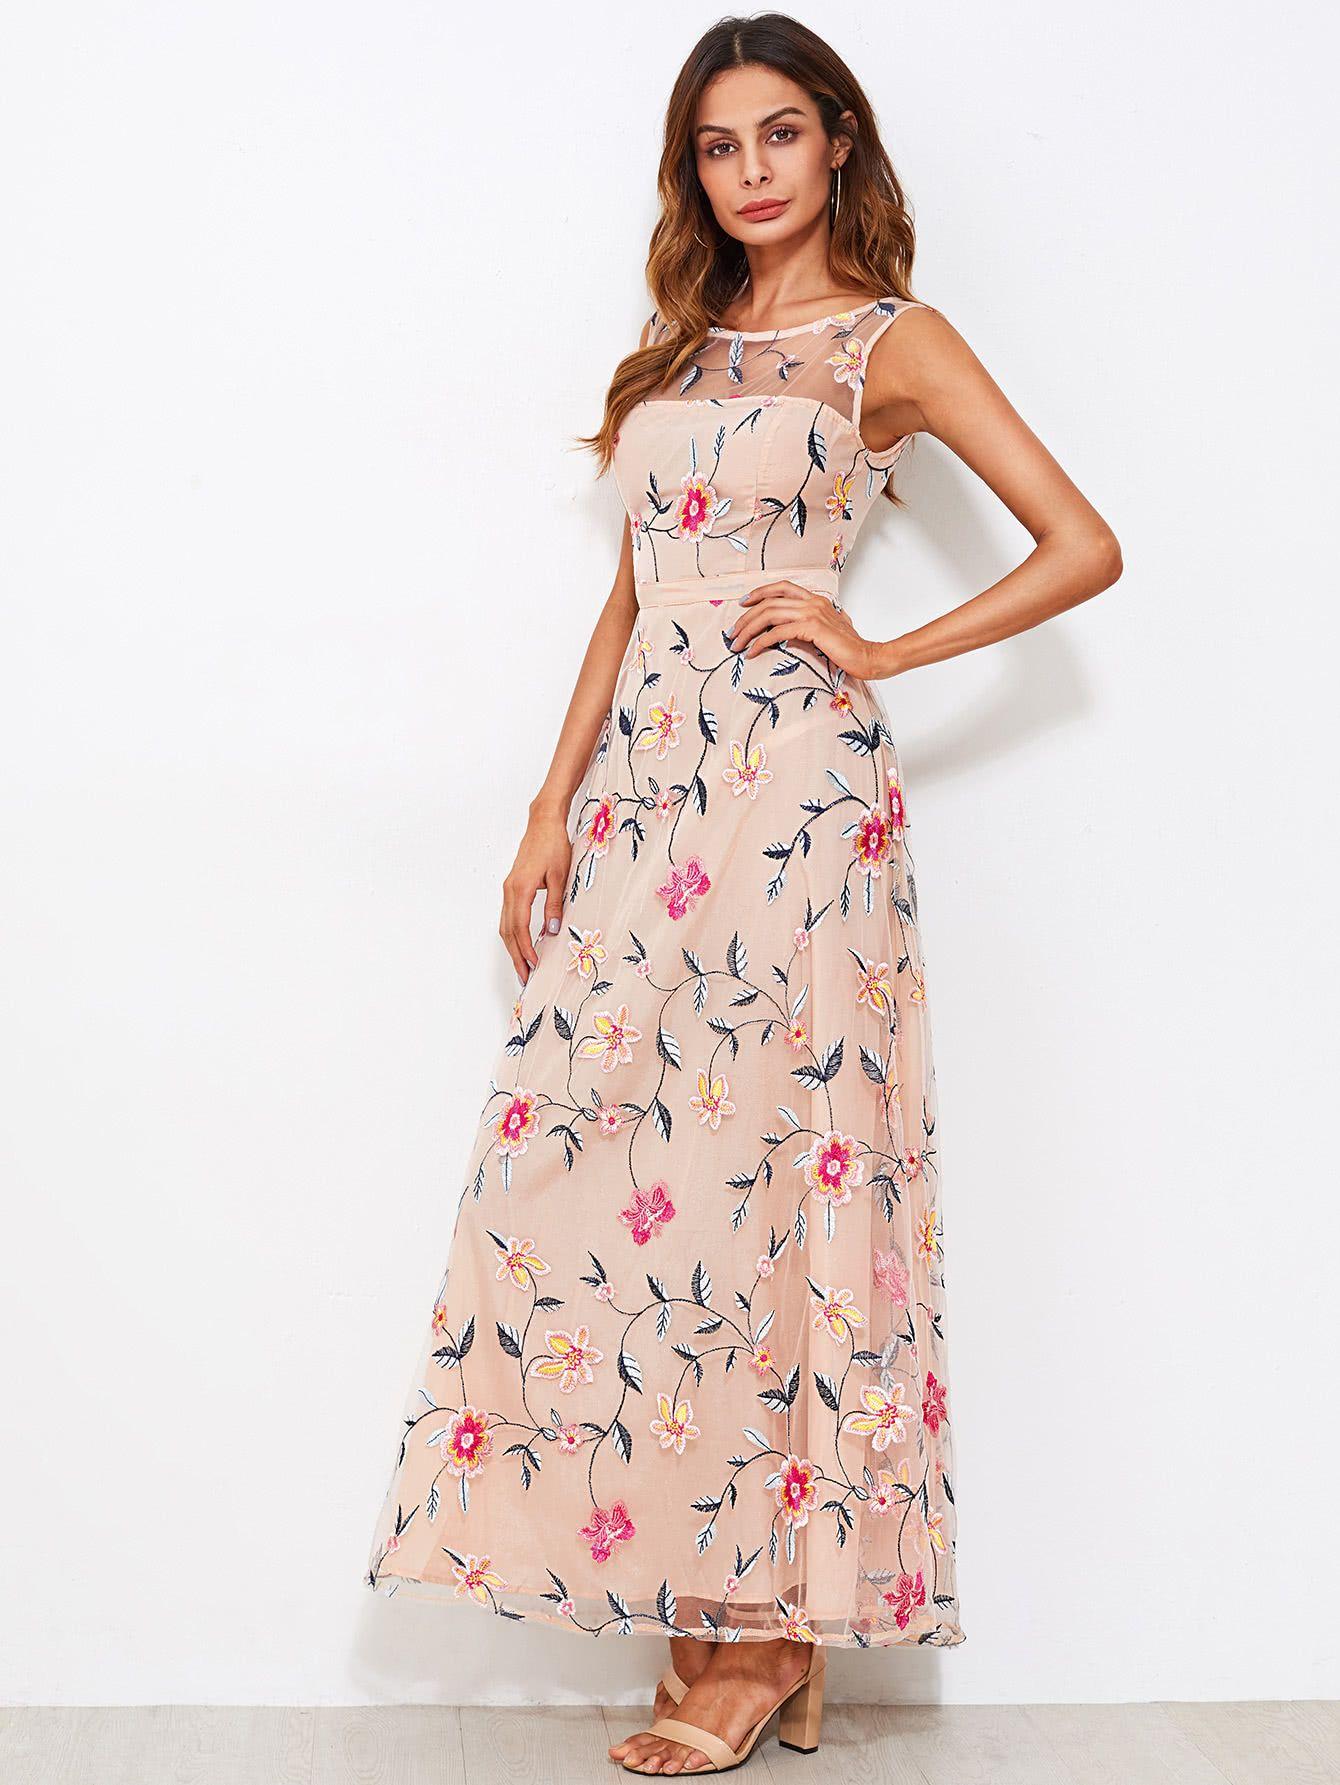 Kleid mit Blumen Stickereien - German SheIn(Sheinside)  Kleider